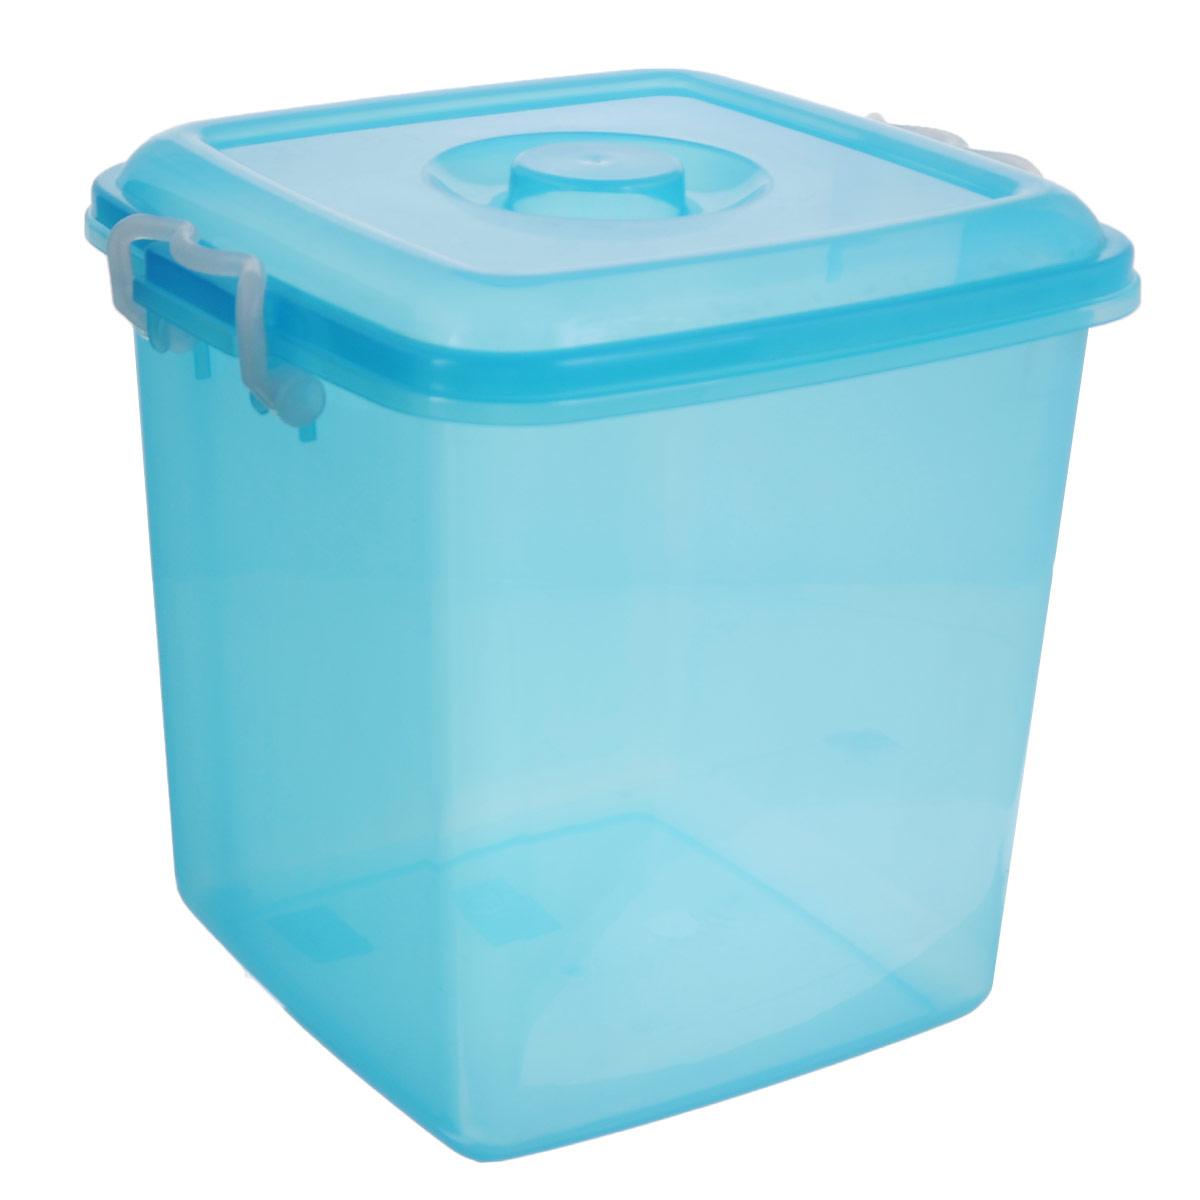 Контейнер для хранения Idea Океаник, цвет: голубой, 20 л контейнер для хранения idea океаник цвет голубой 20 л